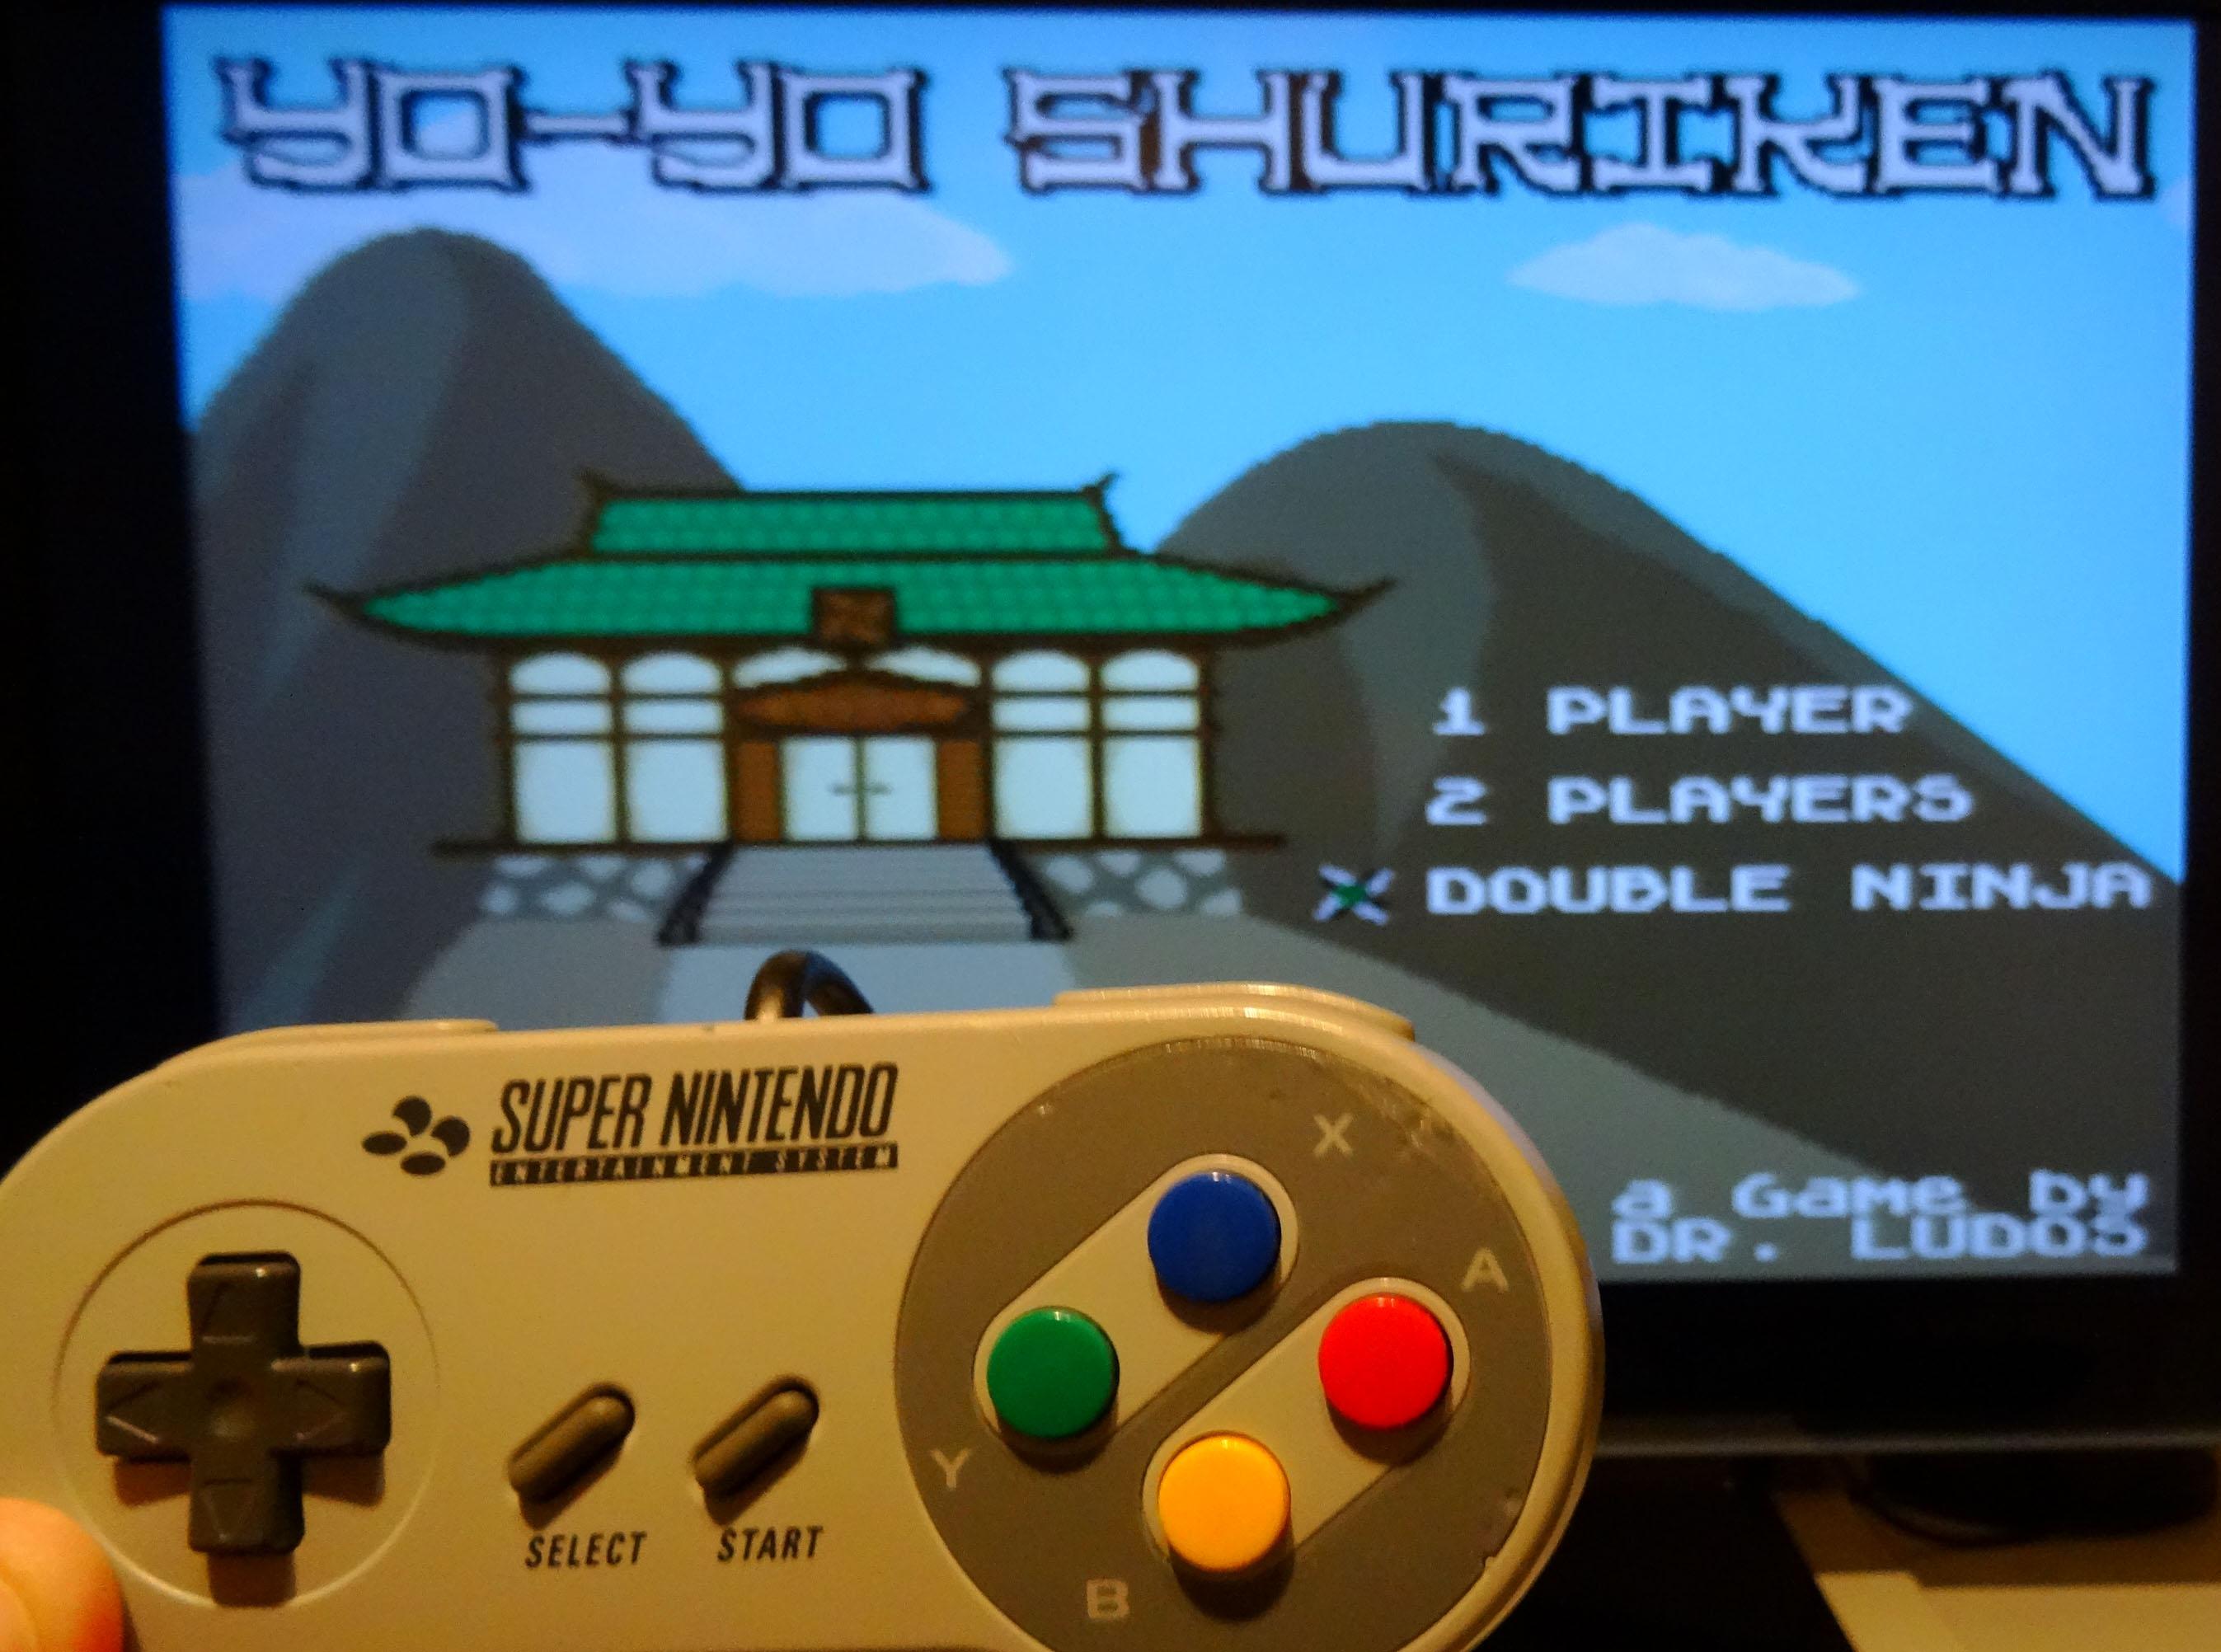 Nouveau jeu Super Nintendo : Yo-Yo Shuriken TW3KMu